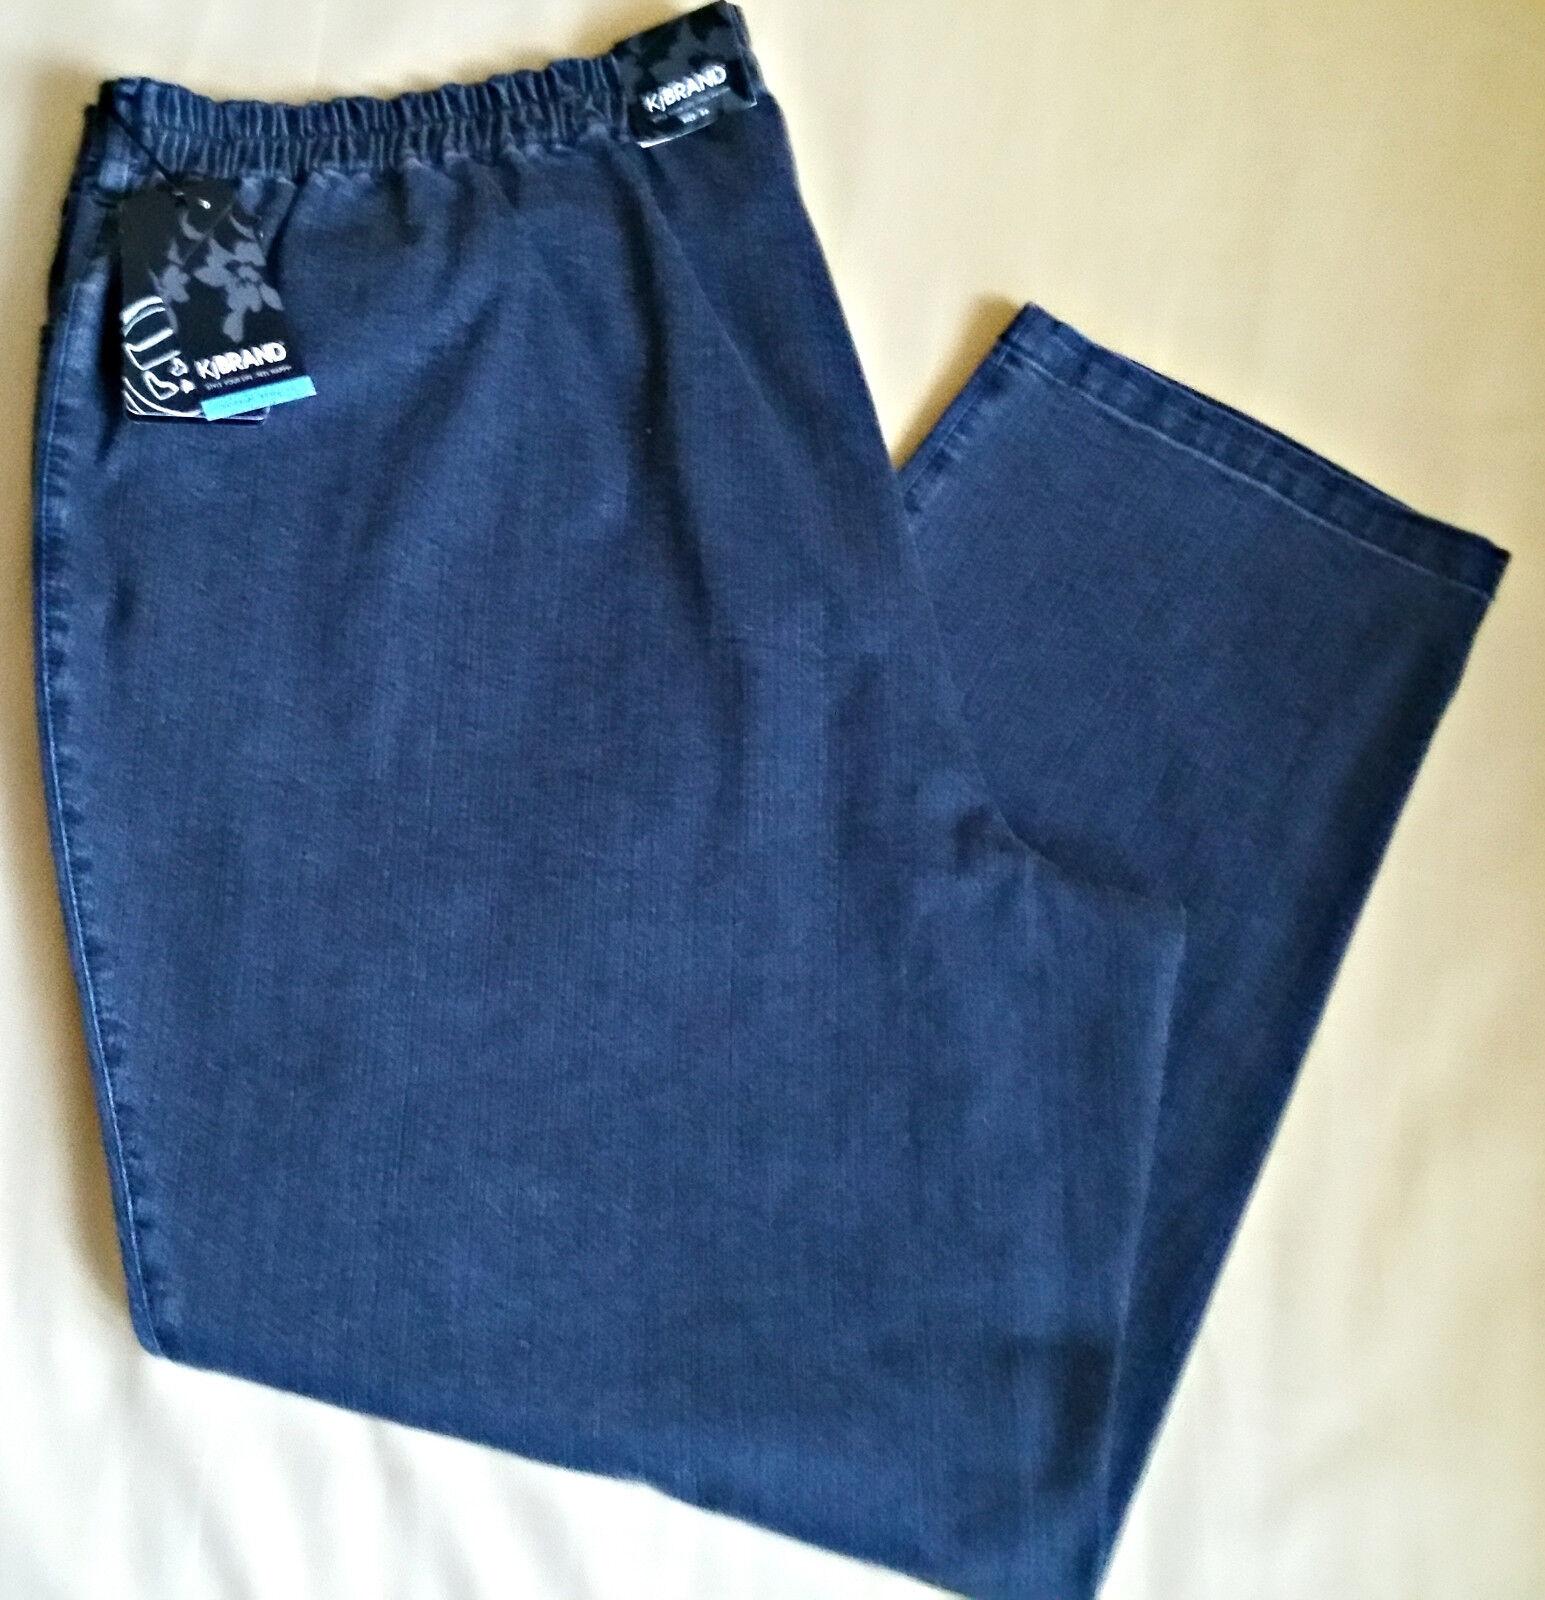 Stretchhose Jeans Stoffhose Modell 2100  KjBrand Gr. 56 Grau